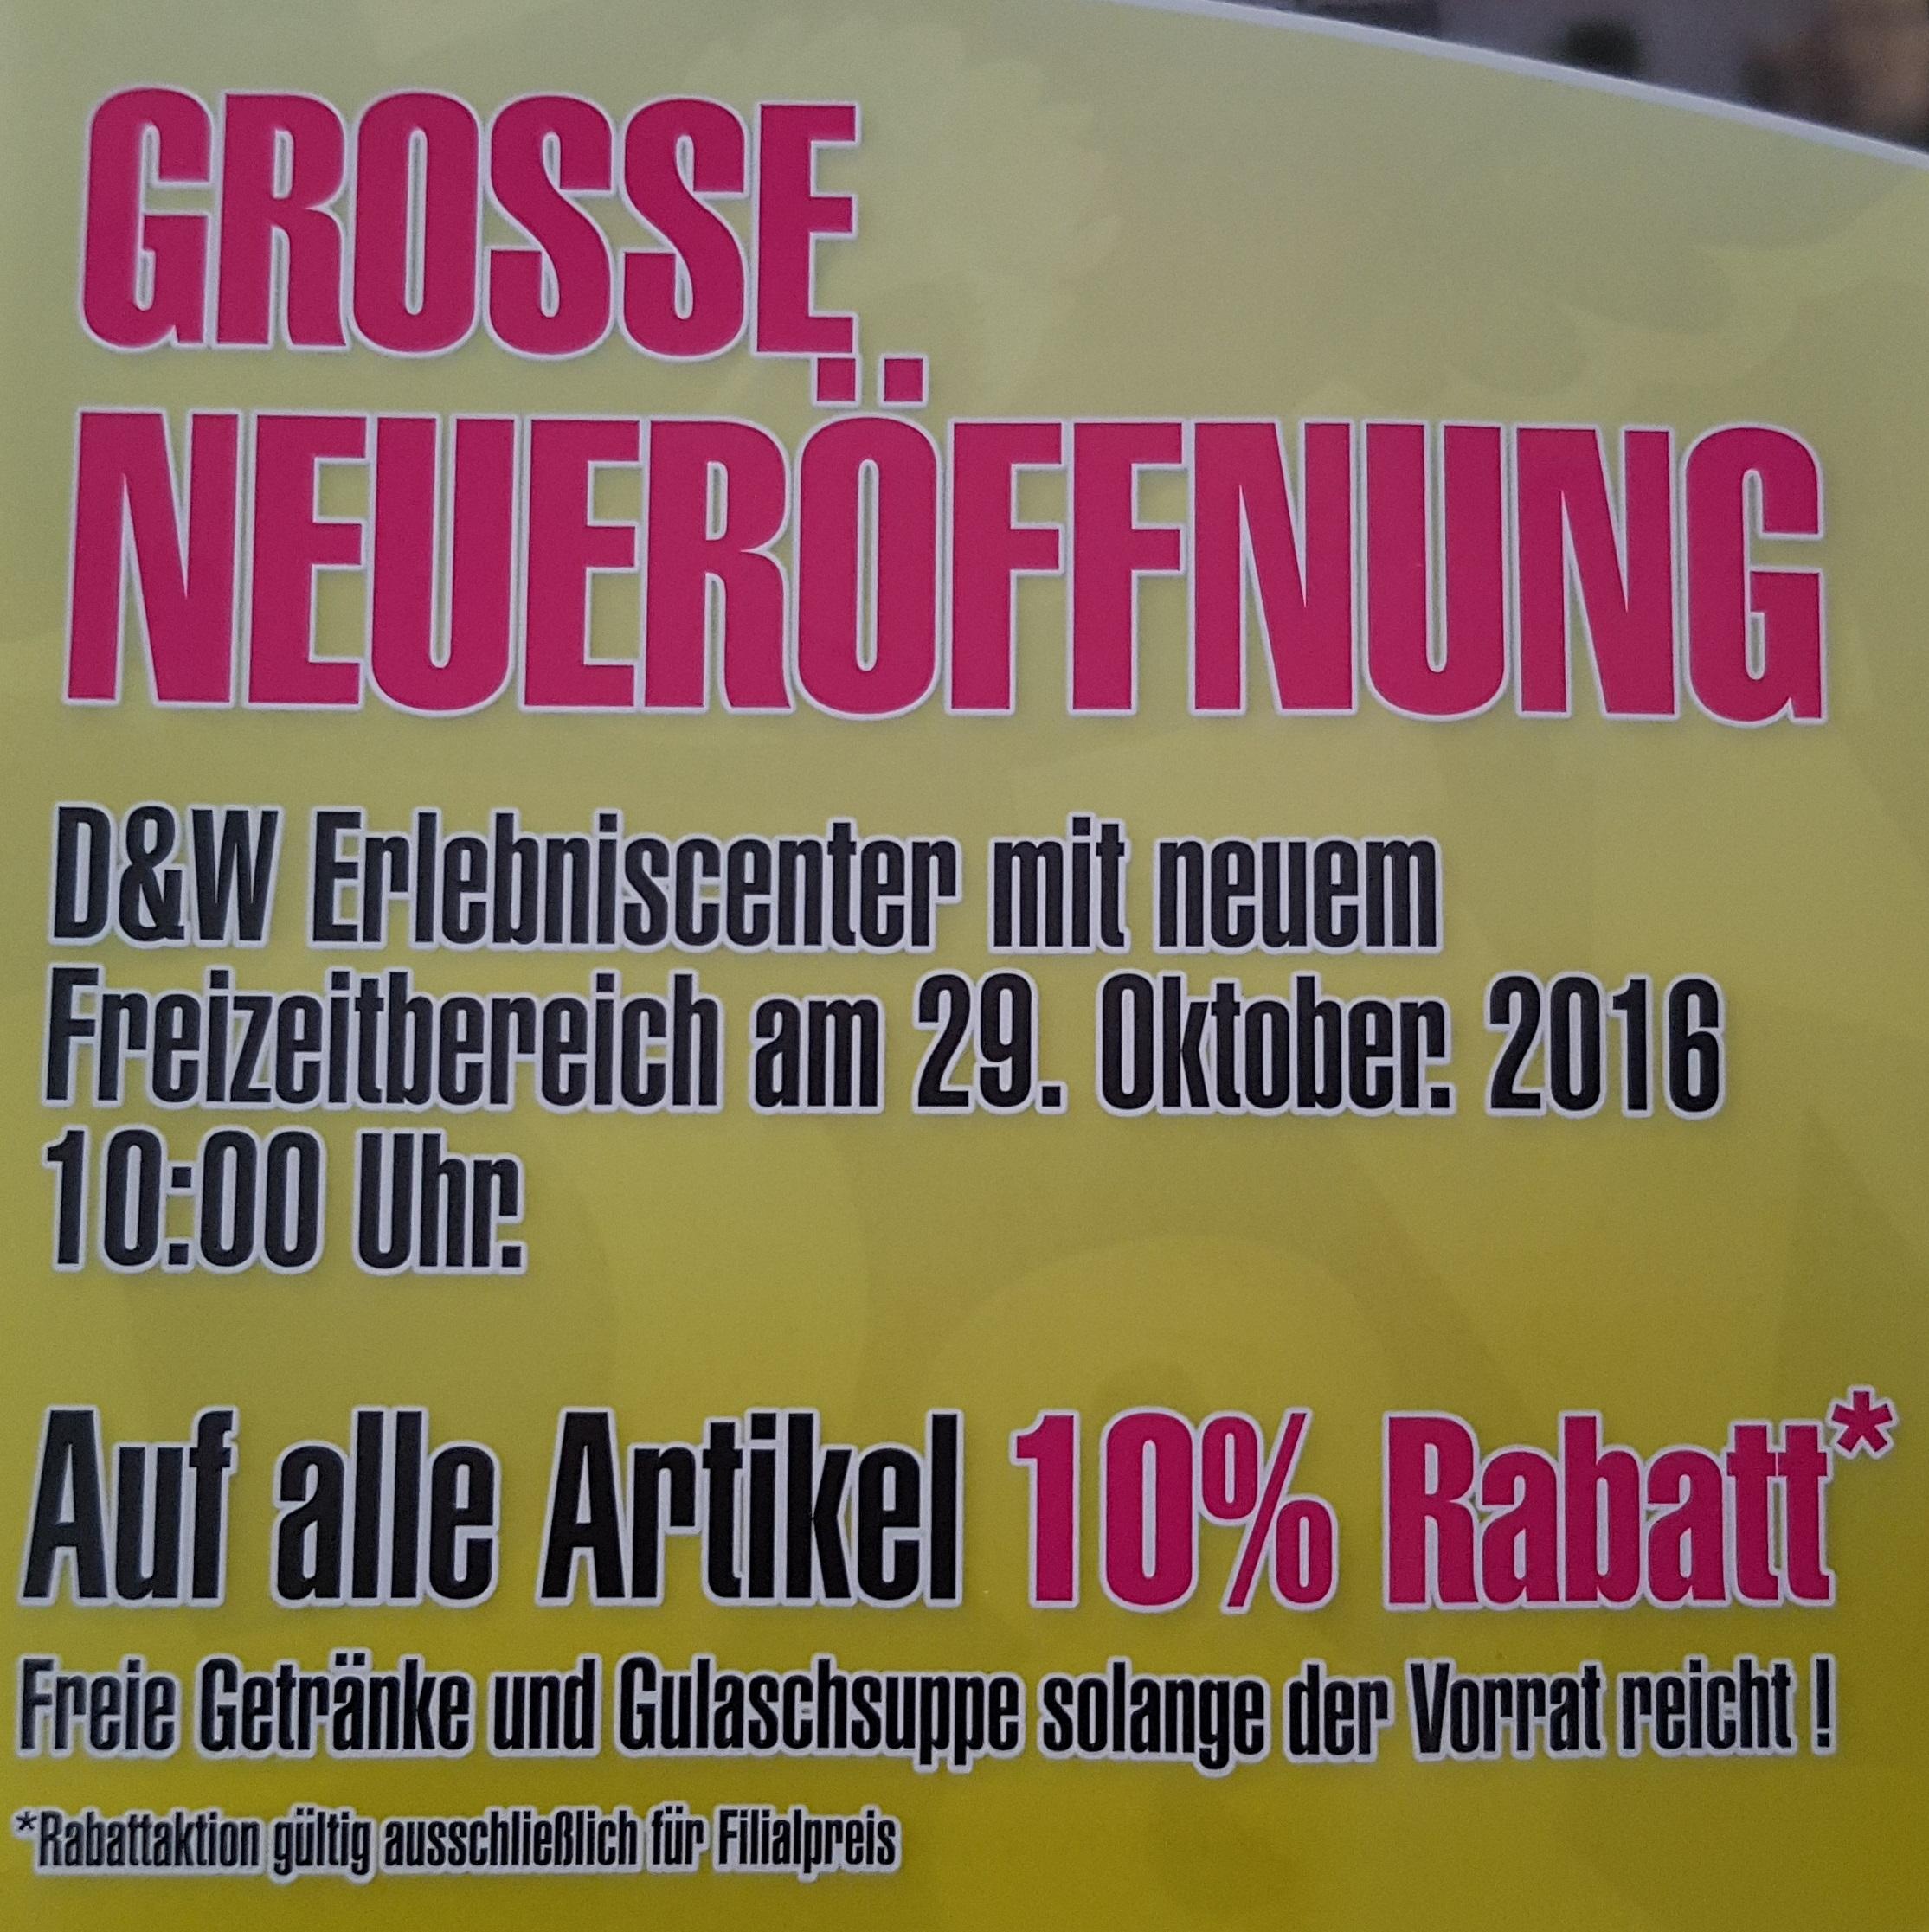 [D&W Bochum] Große Neueröffnung Freie Getränke und Gulaschsuppe solange der Vorrat reicht